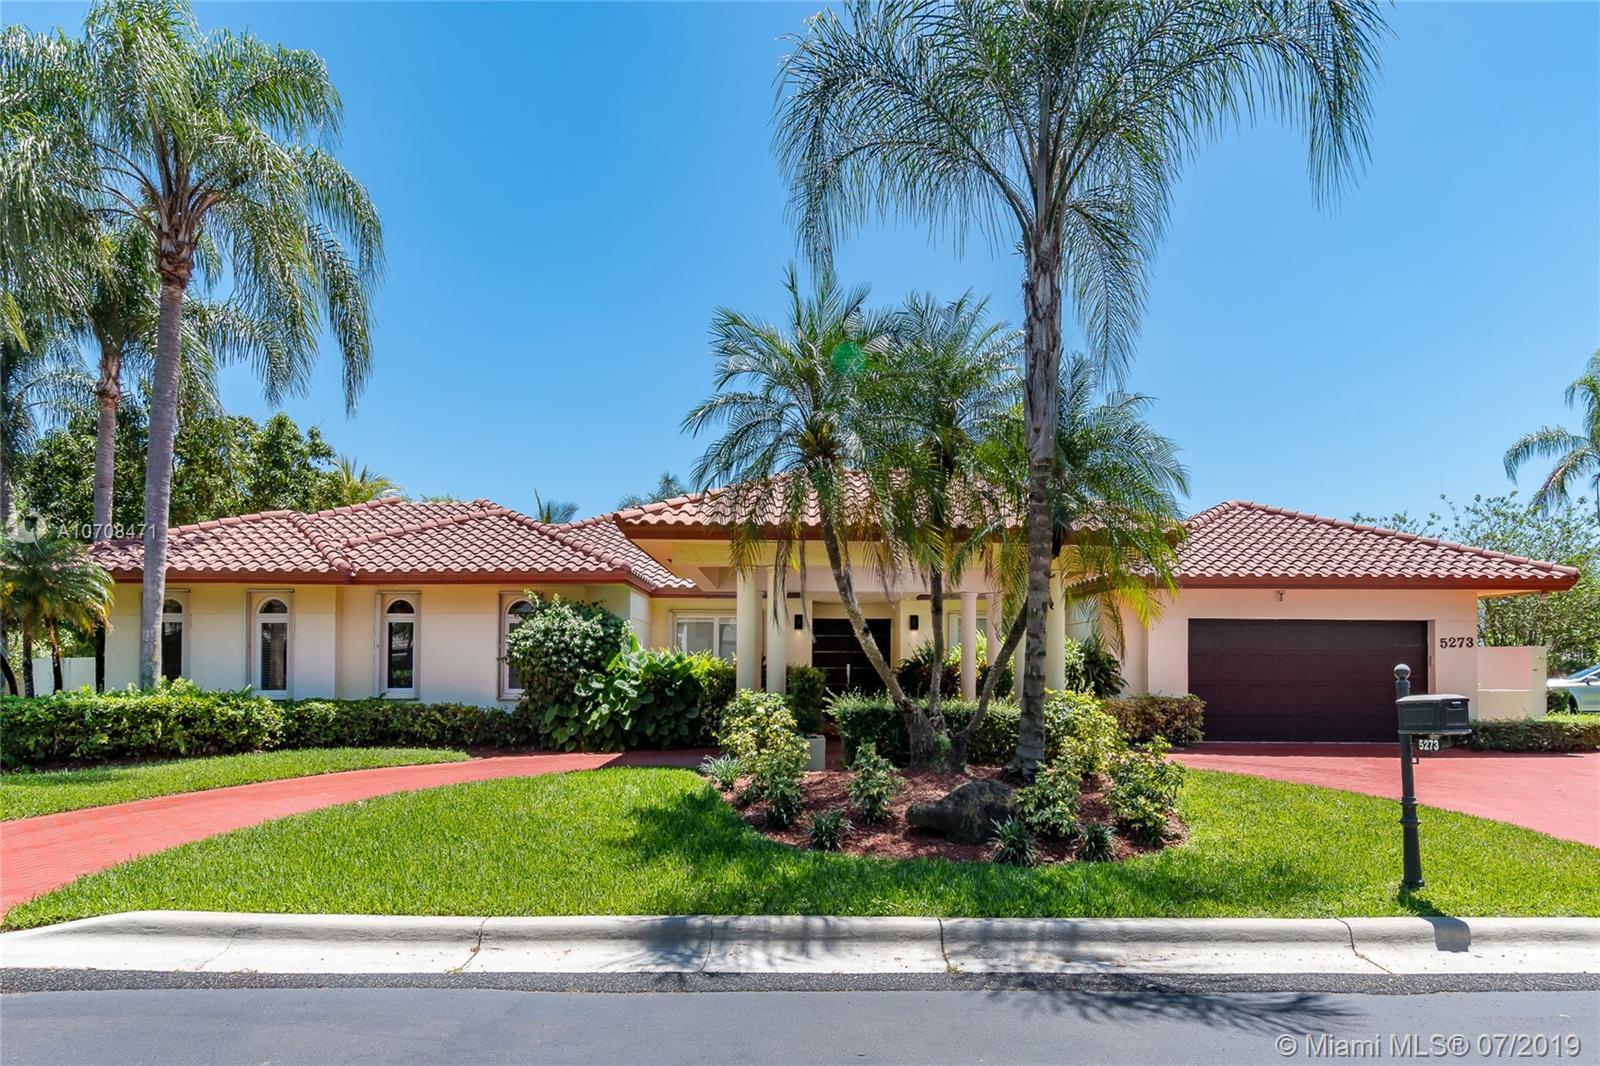 5273 NW 94th Doral Pl, Doral, Florida